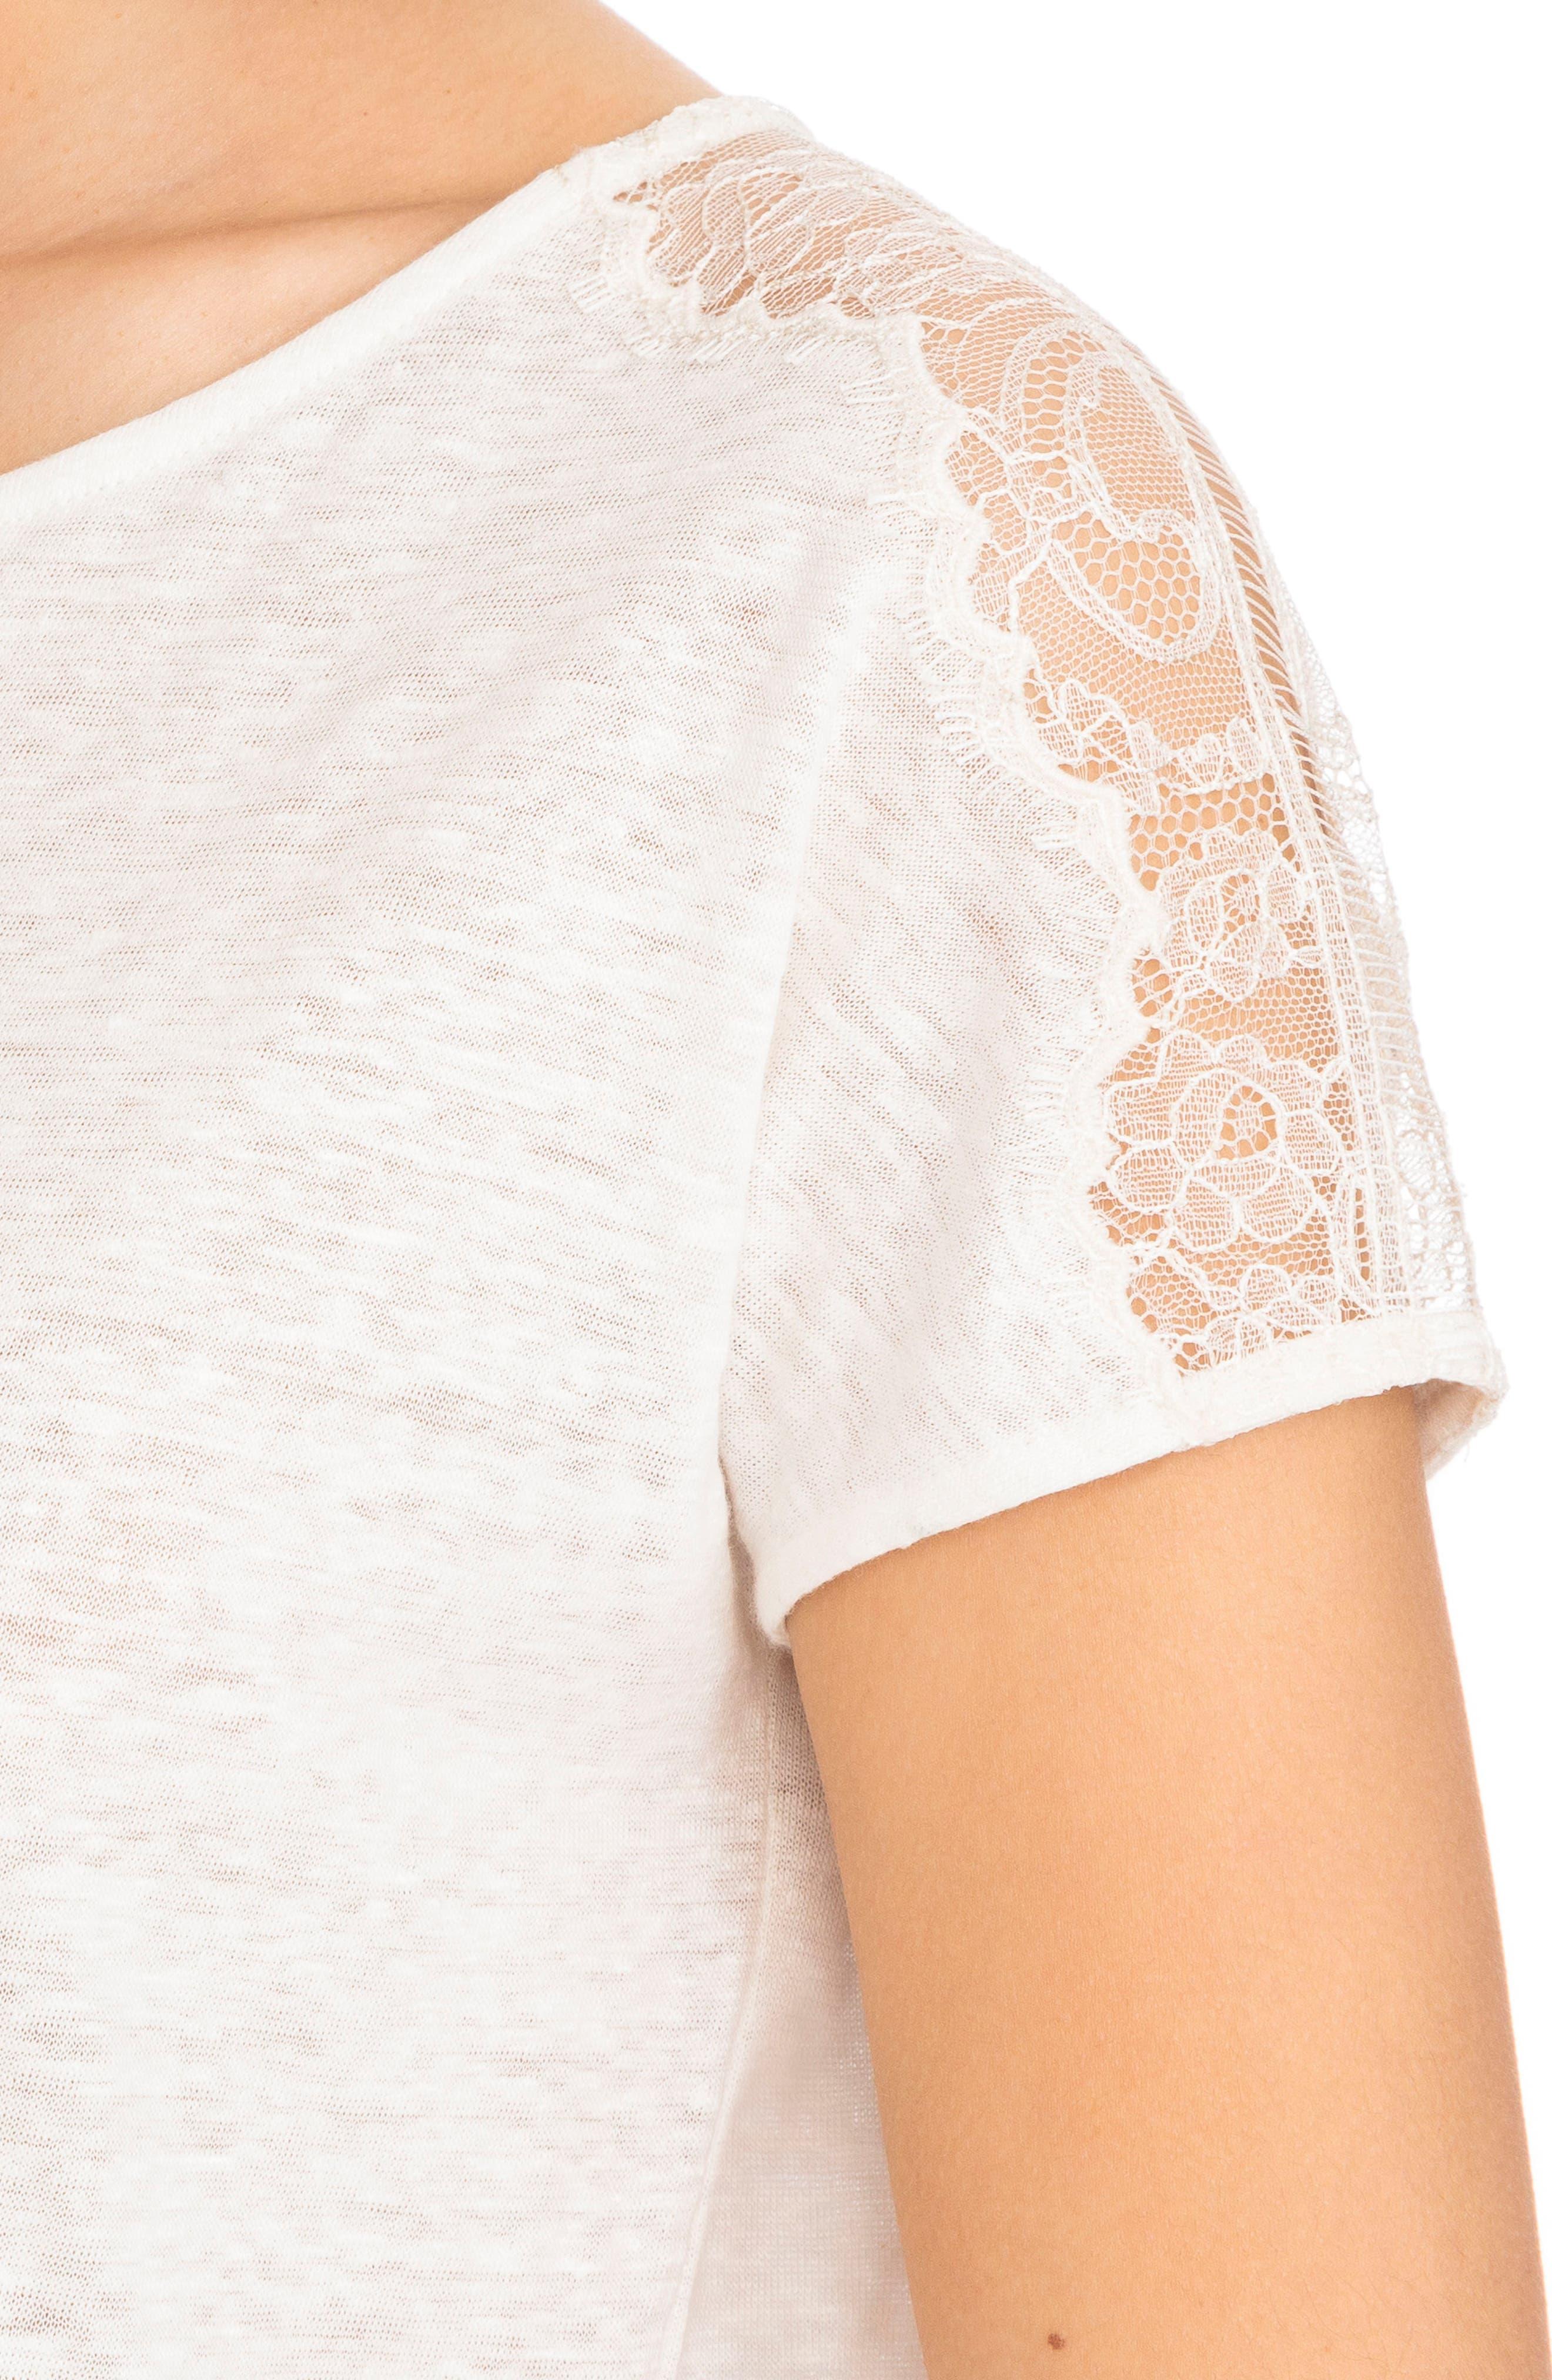 Livia Lace Shoulder Back Tie Linen Tee,                             Alternate thumbnail 4, color,                             100